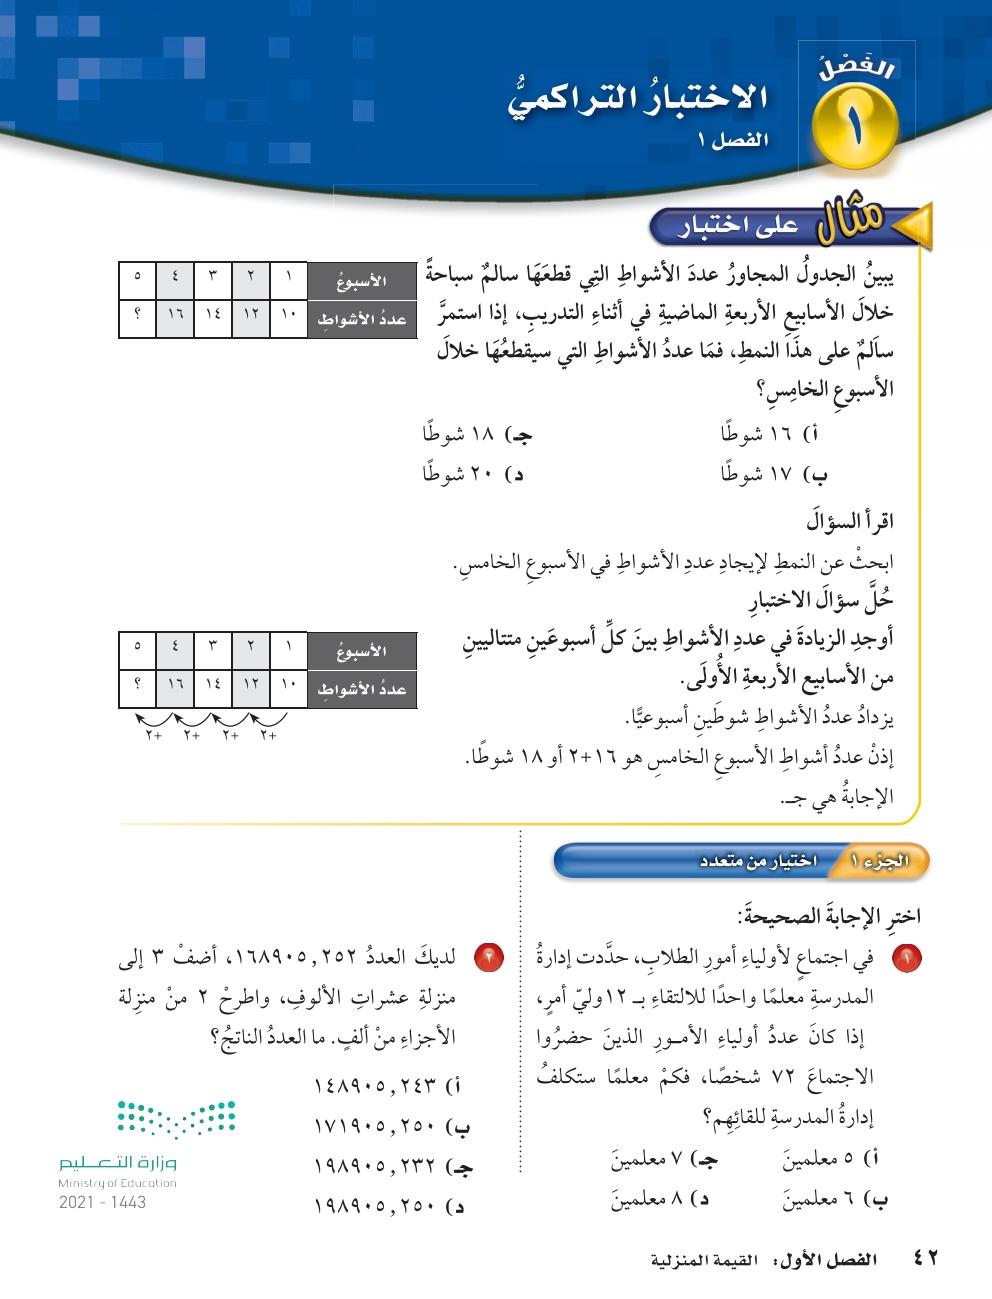 1-7 خطة حل المسألة التخمين والتحقق